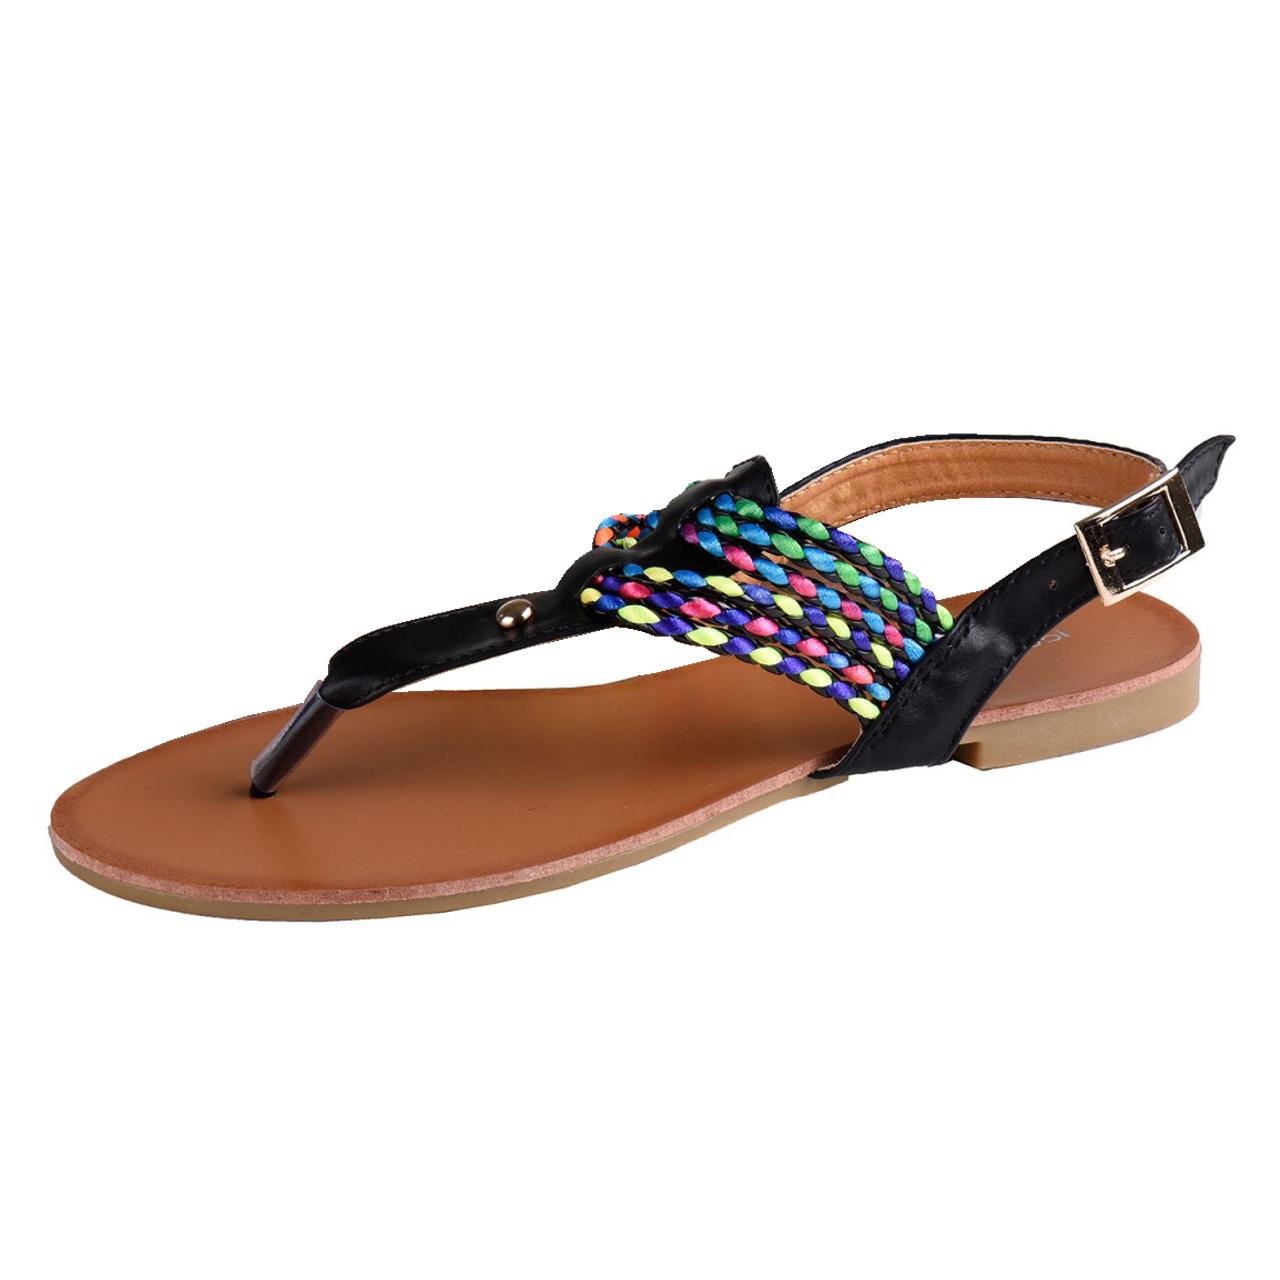 sandale in den farben schwarz und wei mit bunten riemchen in vielen gr en ebay. Black Bedroom Furniture Sets. Home Design Ideas